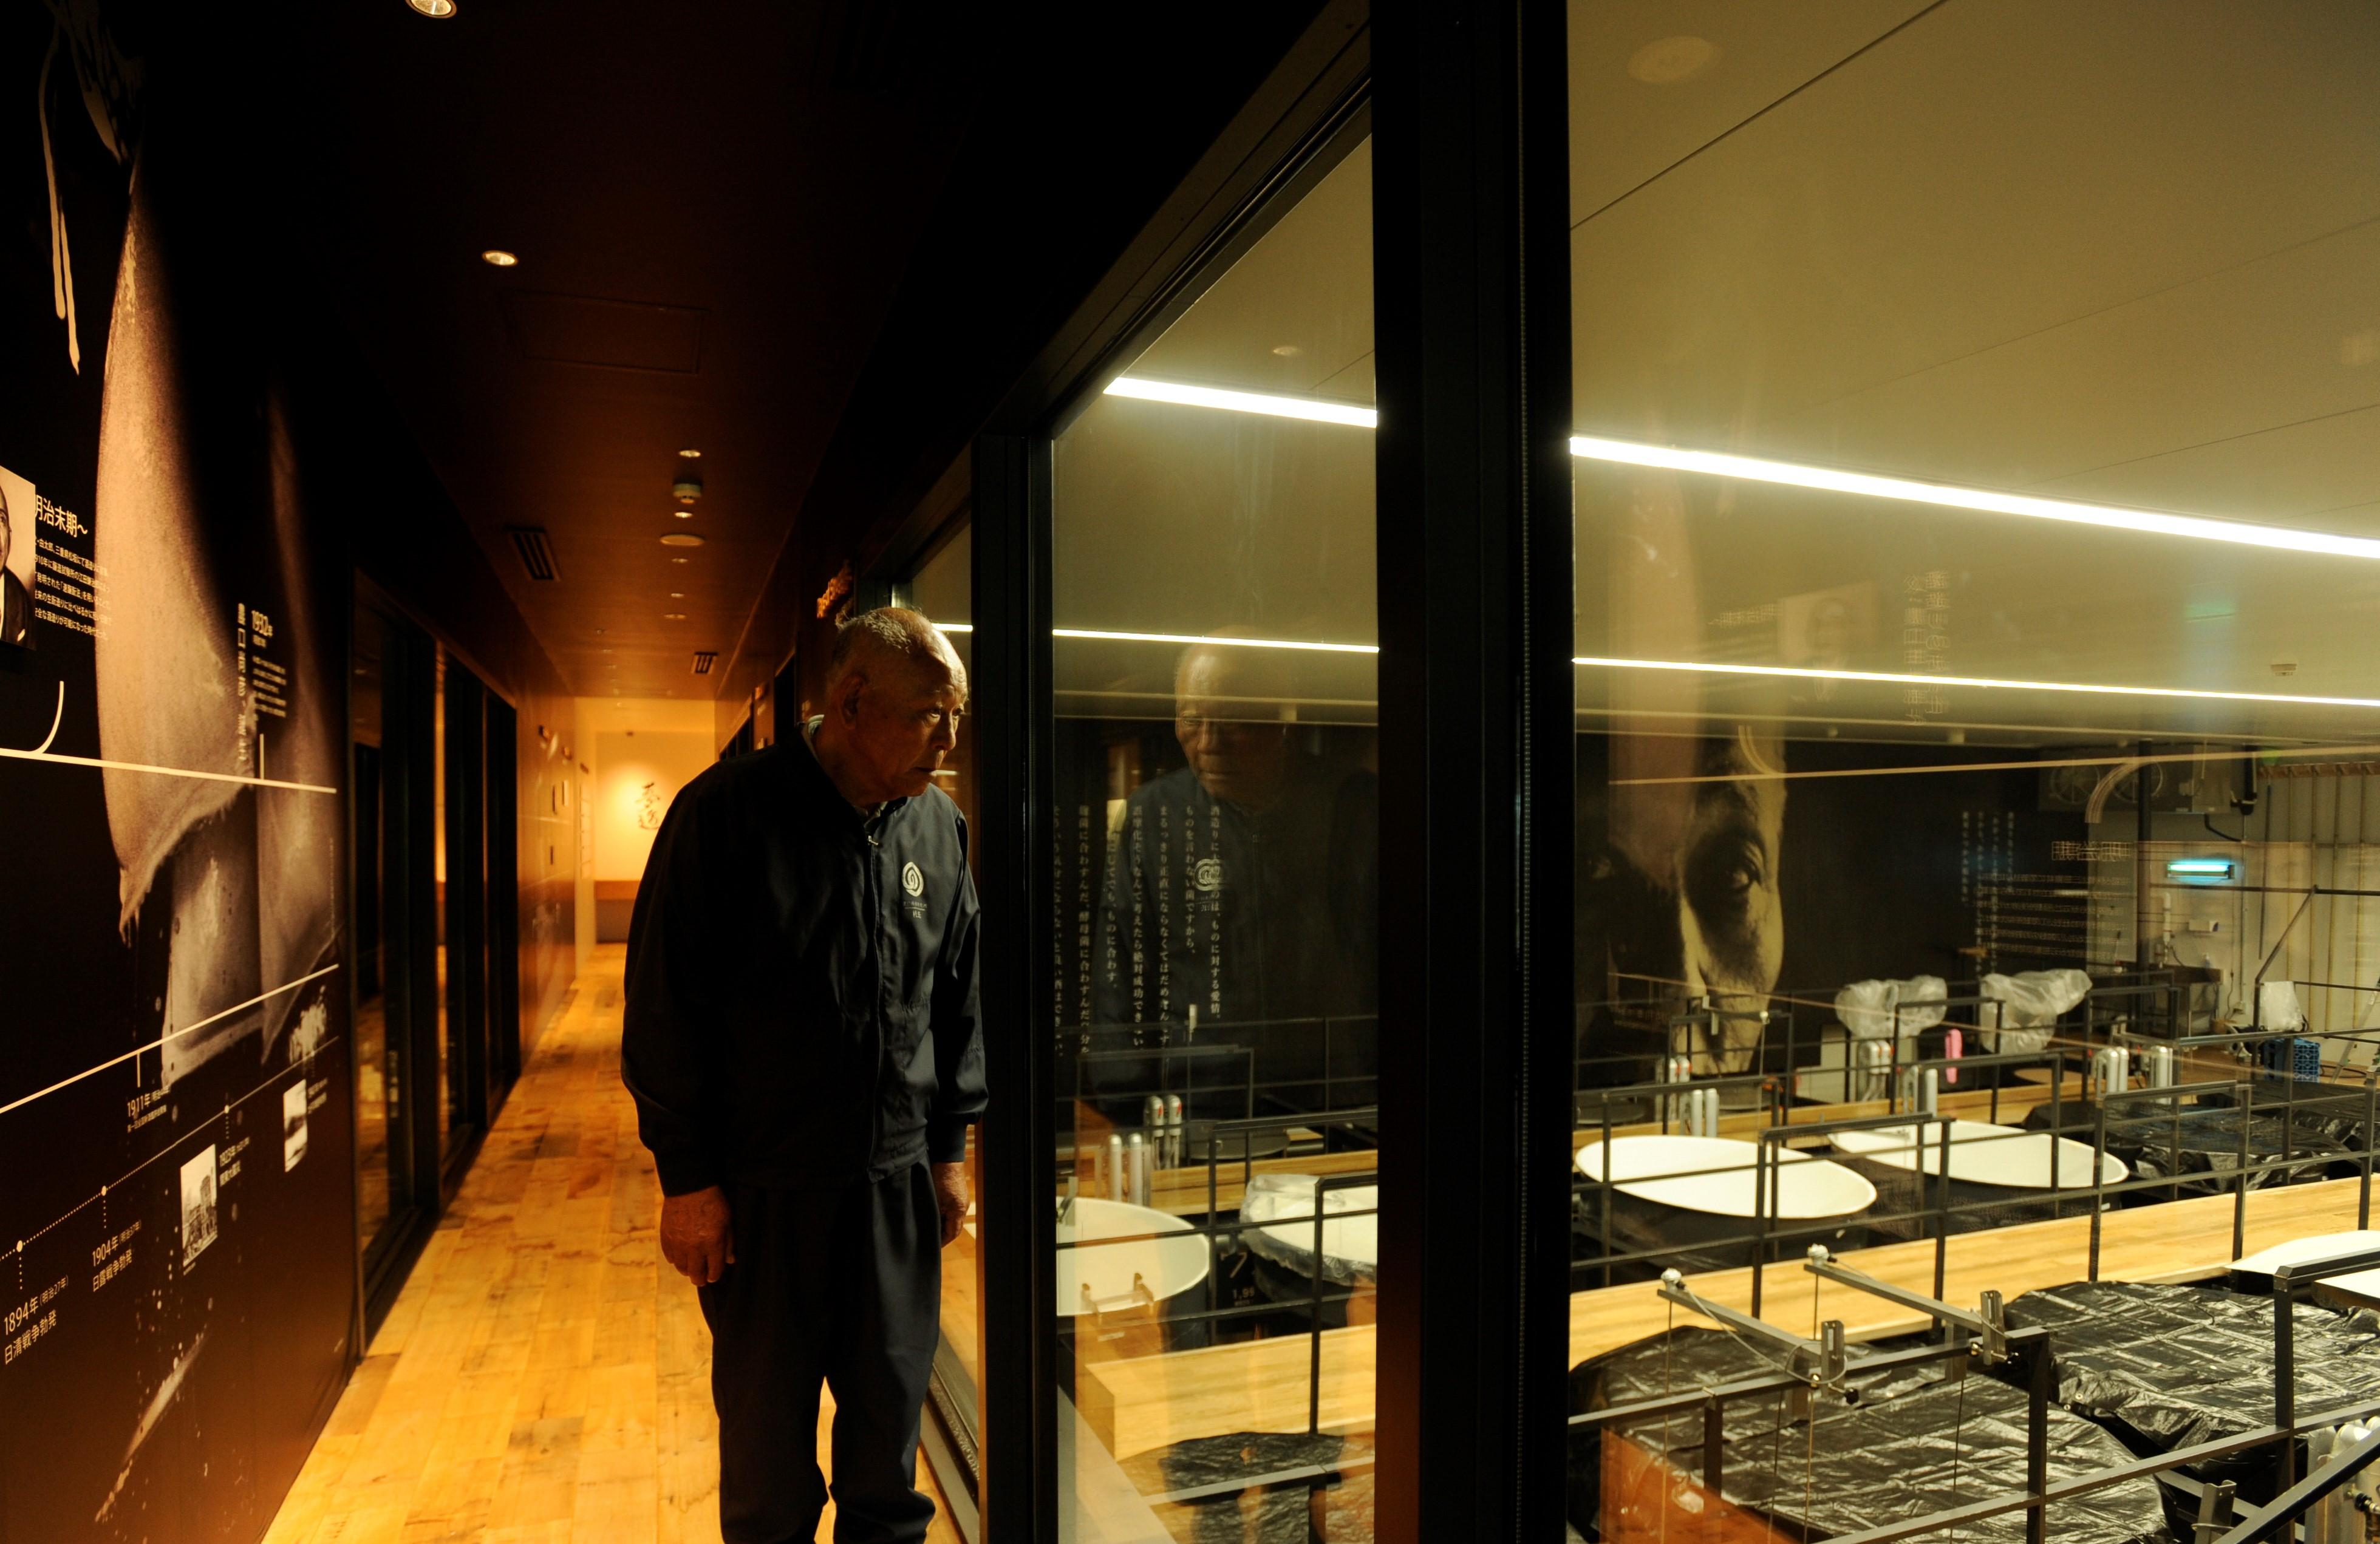 入り口を一度出て建物脇にある階段を上がると、酒蔵内部がガラス越しに見られるギャラリー